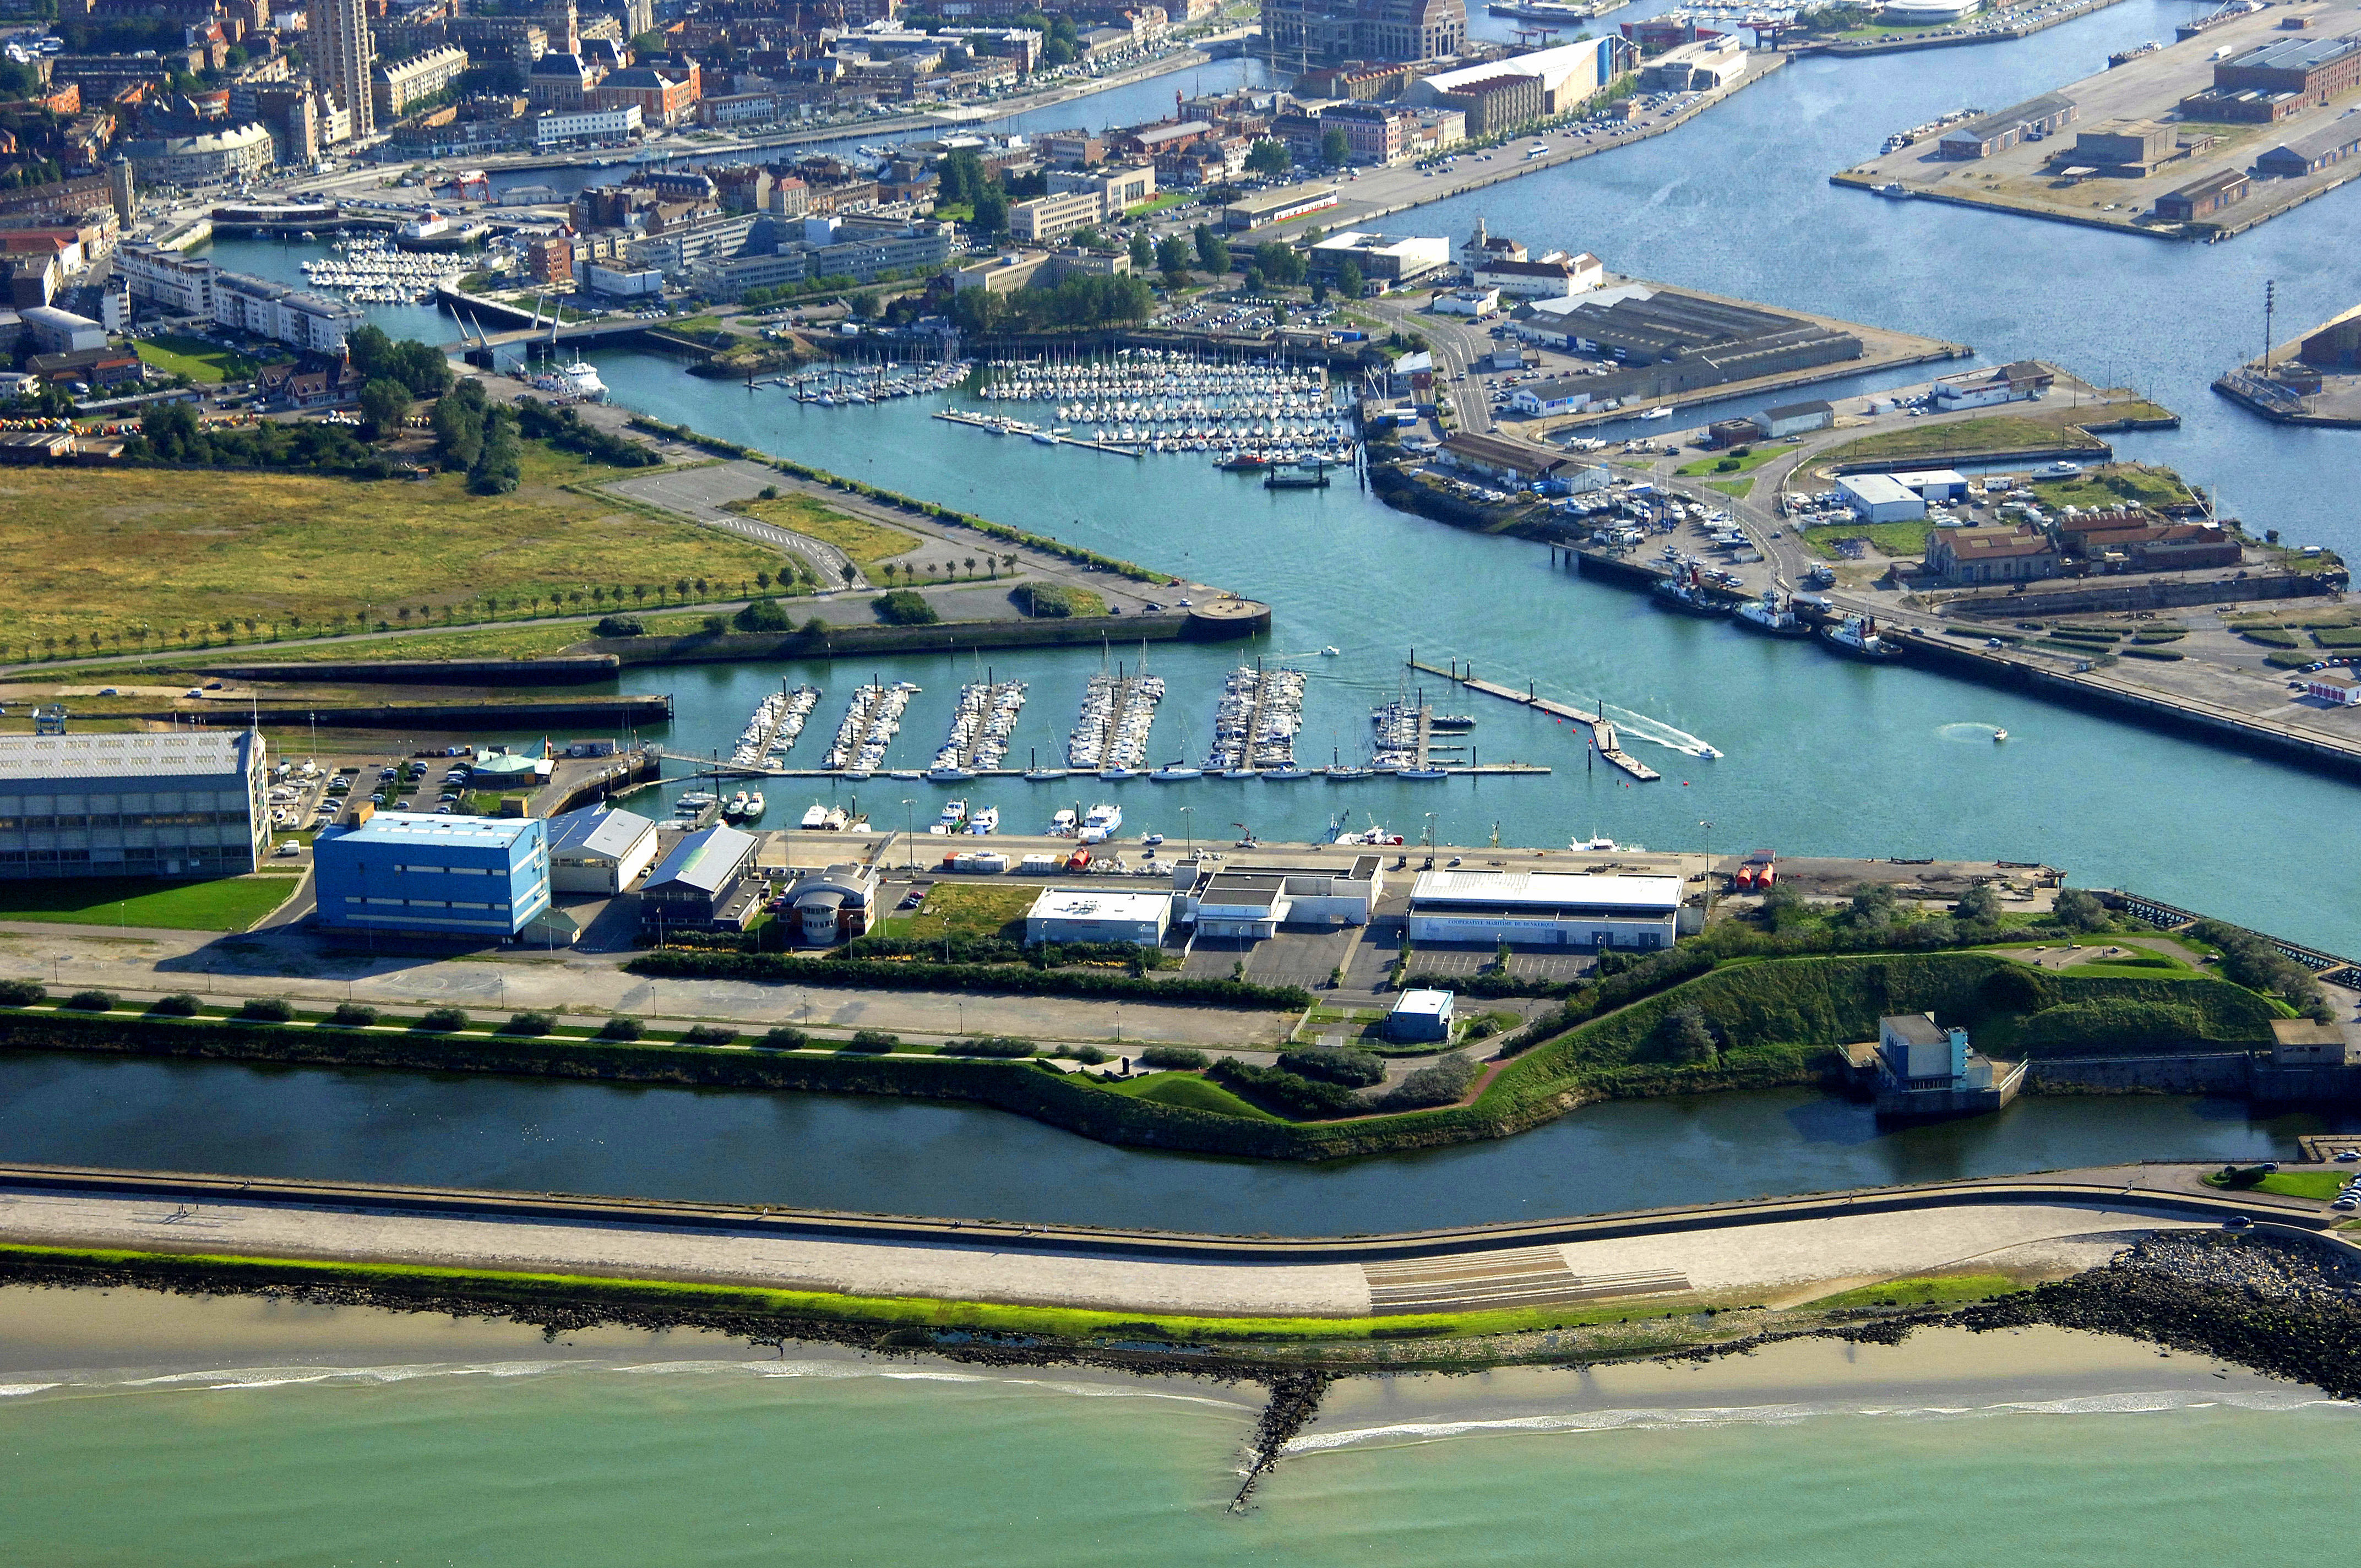 Le port du grand large in dunkerque france marina reviews phone number - Dunkirk port france address ...